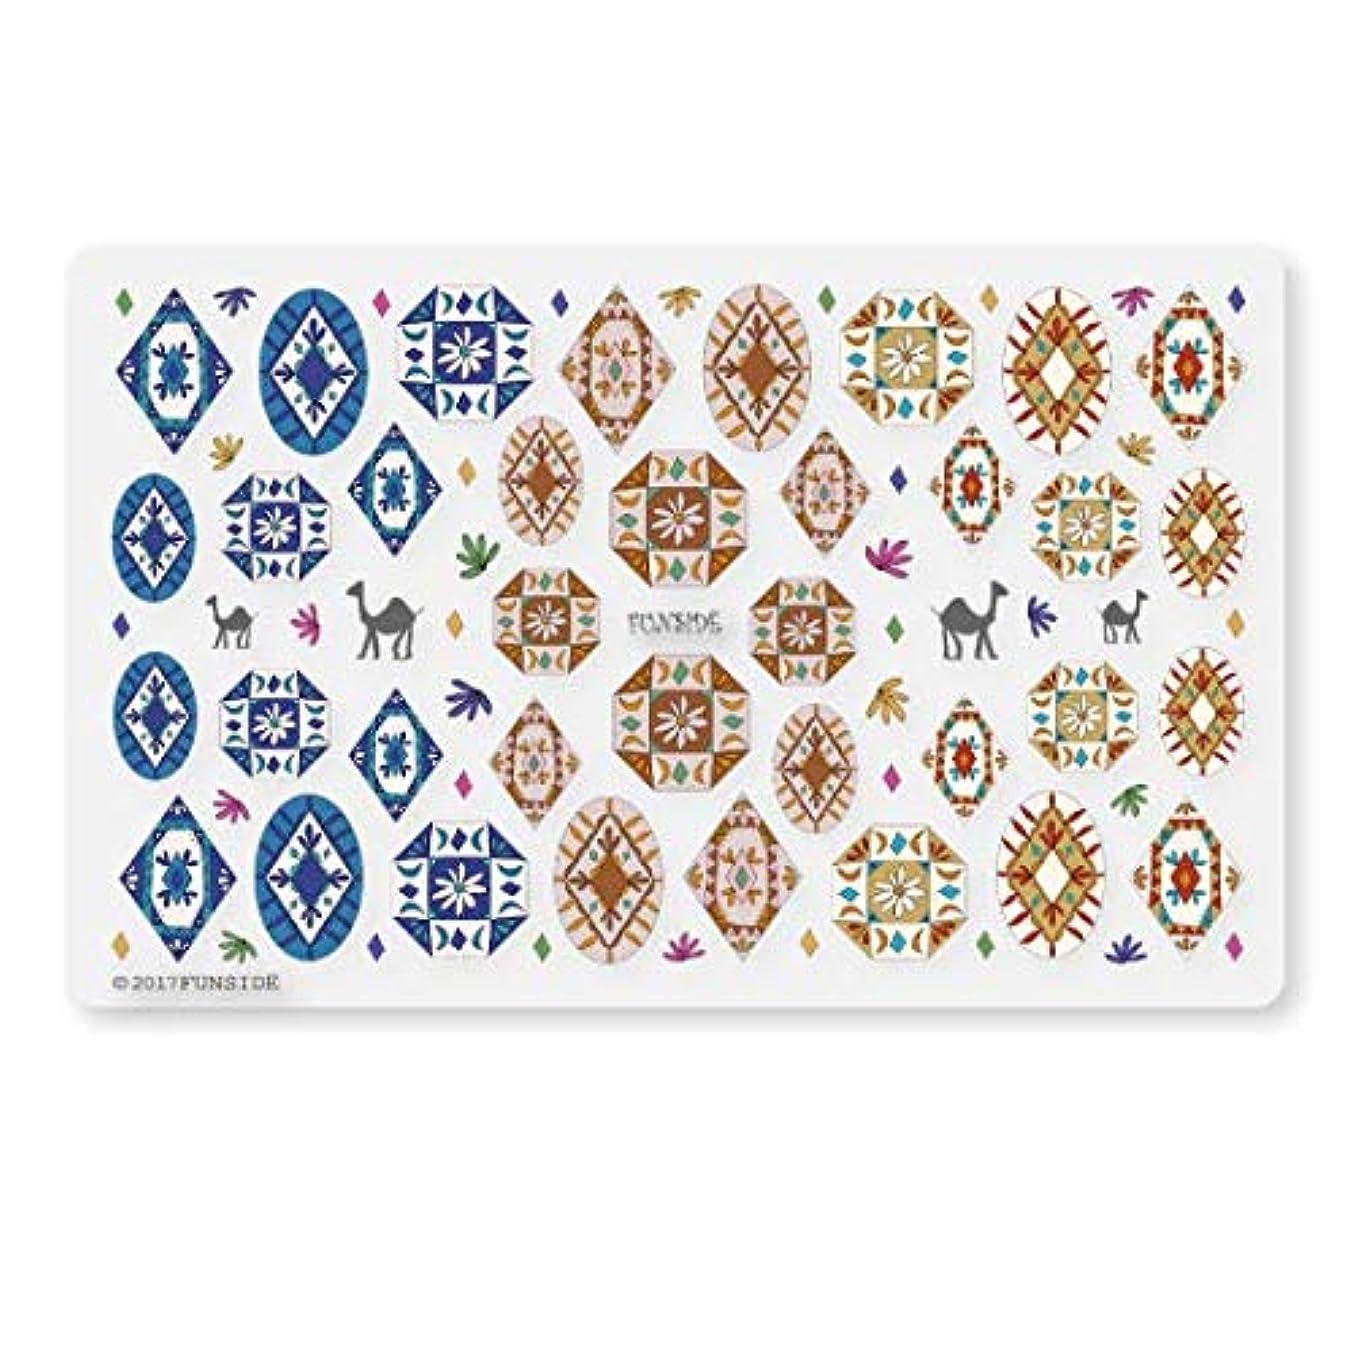 処方地上の小売未硬化ジェル対応 Morocco モロッコ ネイルシール ネイルステッカー 民族 エスニック ボヘミアン 貼りやすい 貼るだけ 極薄シート 日本製